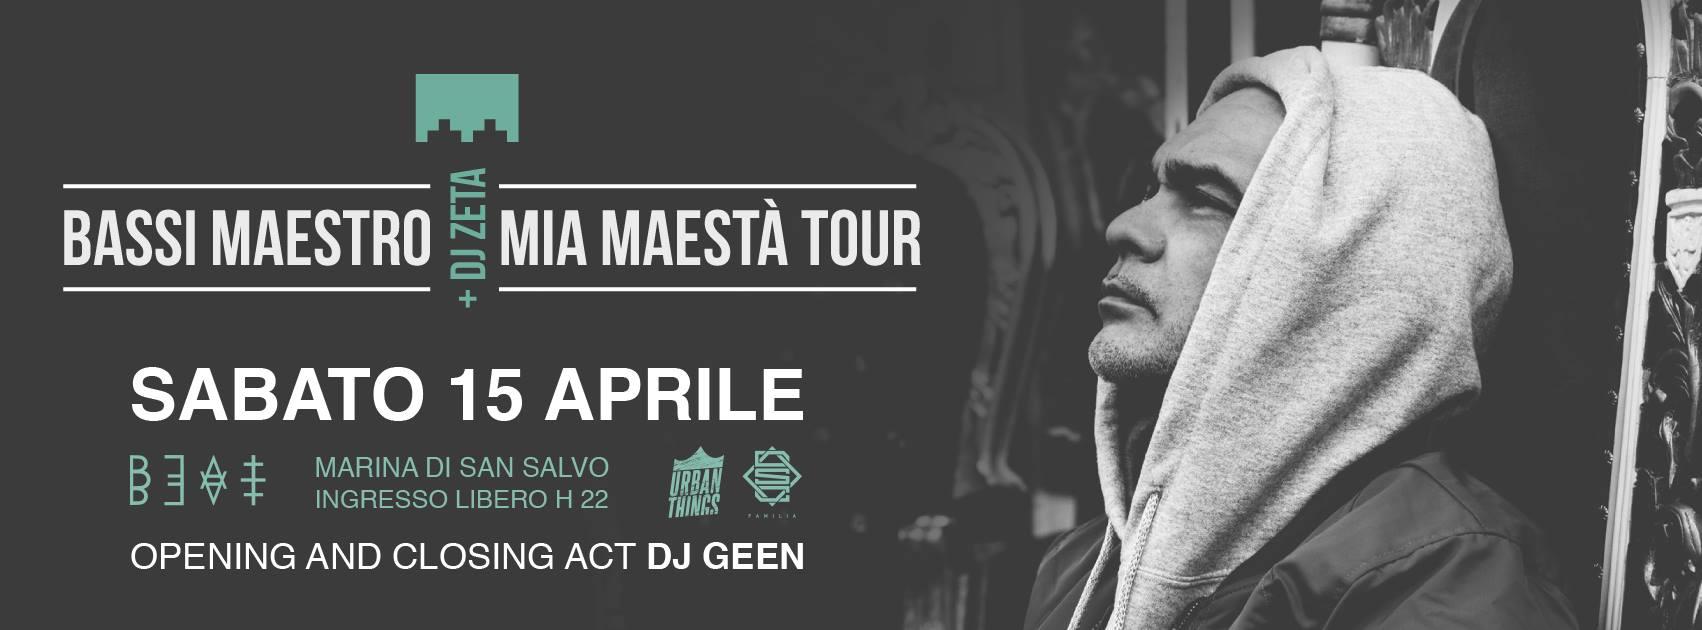 15.04.17 | BASSI MAESTRO + DJ ZETA